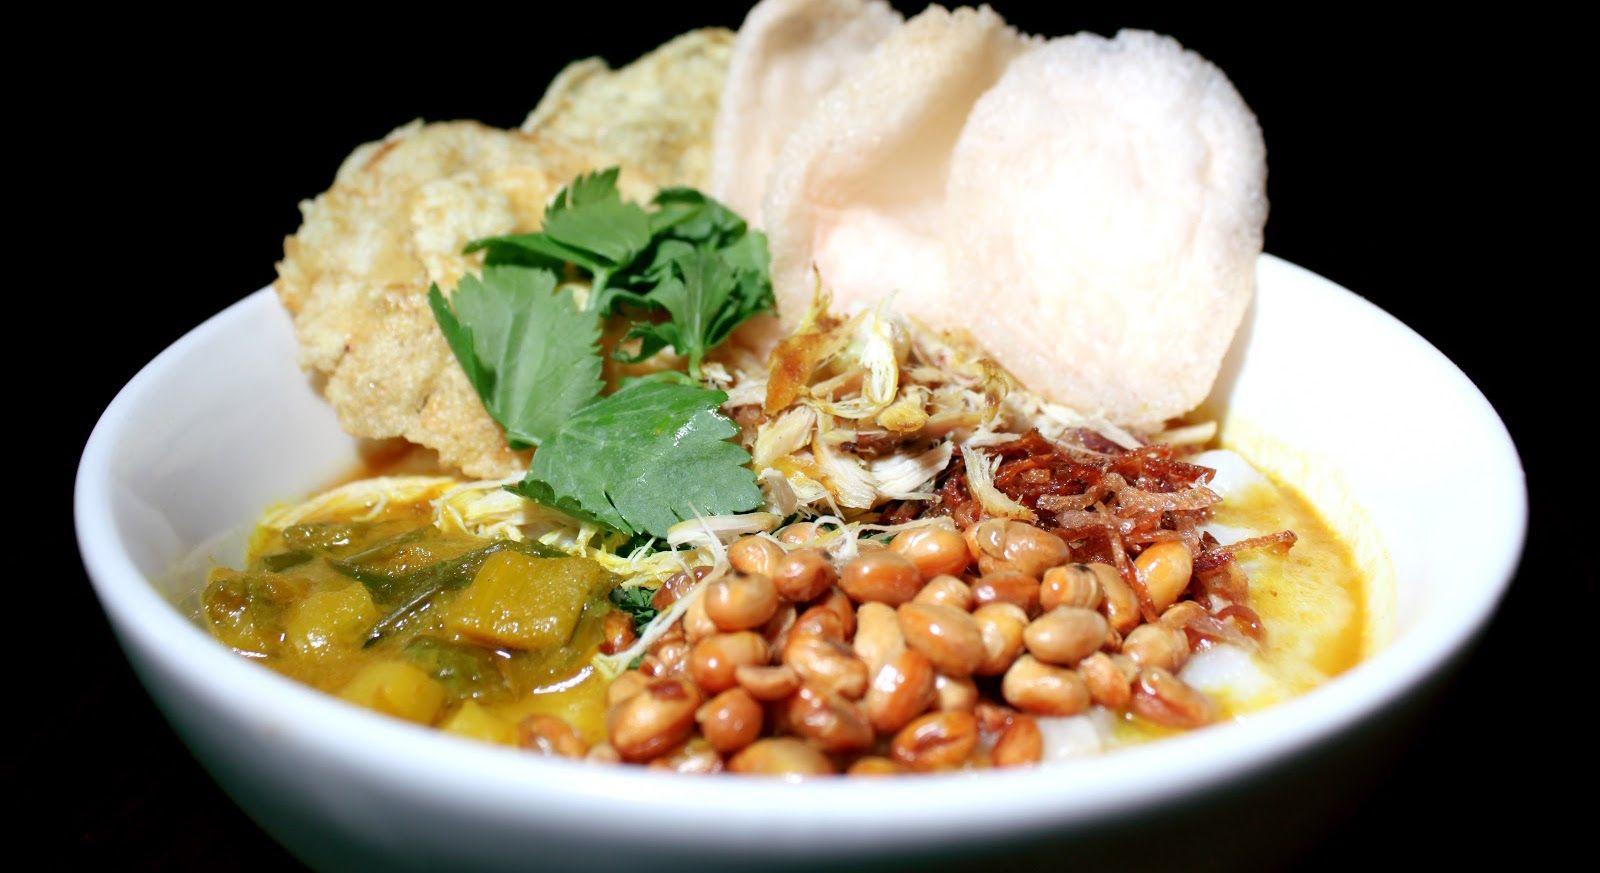 Resep Bubur Ayam Bandung Istimewa Rahasiaid Recipes Asian Sambal Bawang By Aisha Store Sby